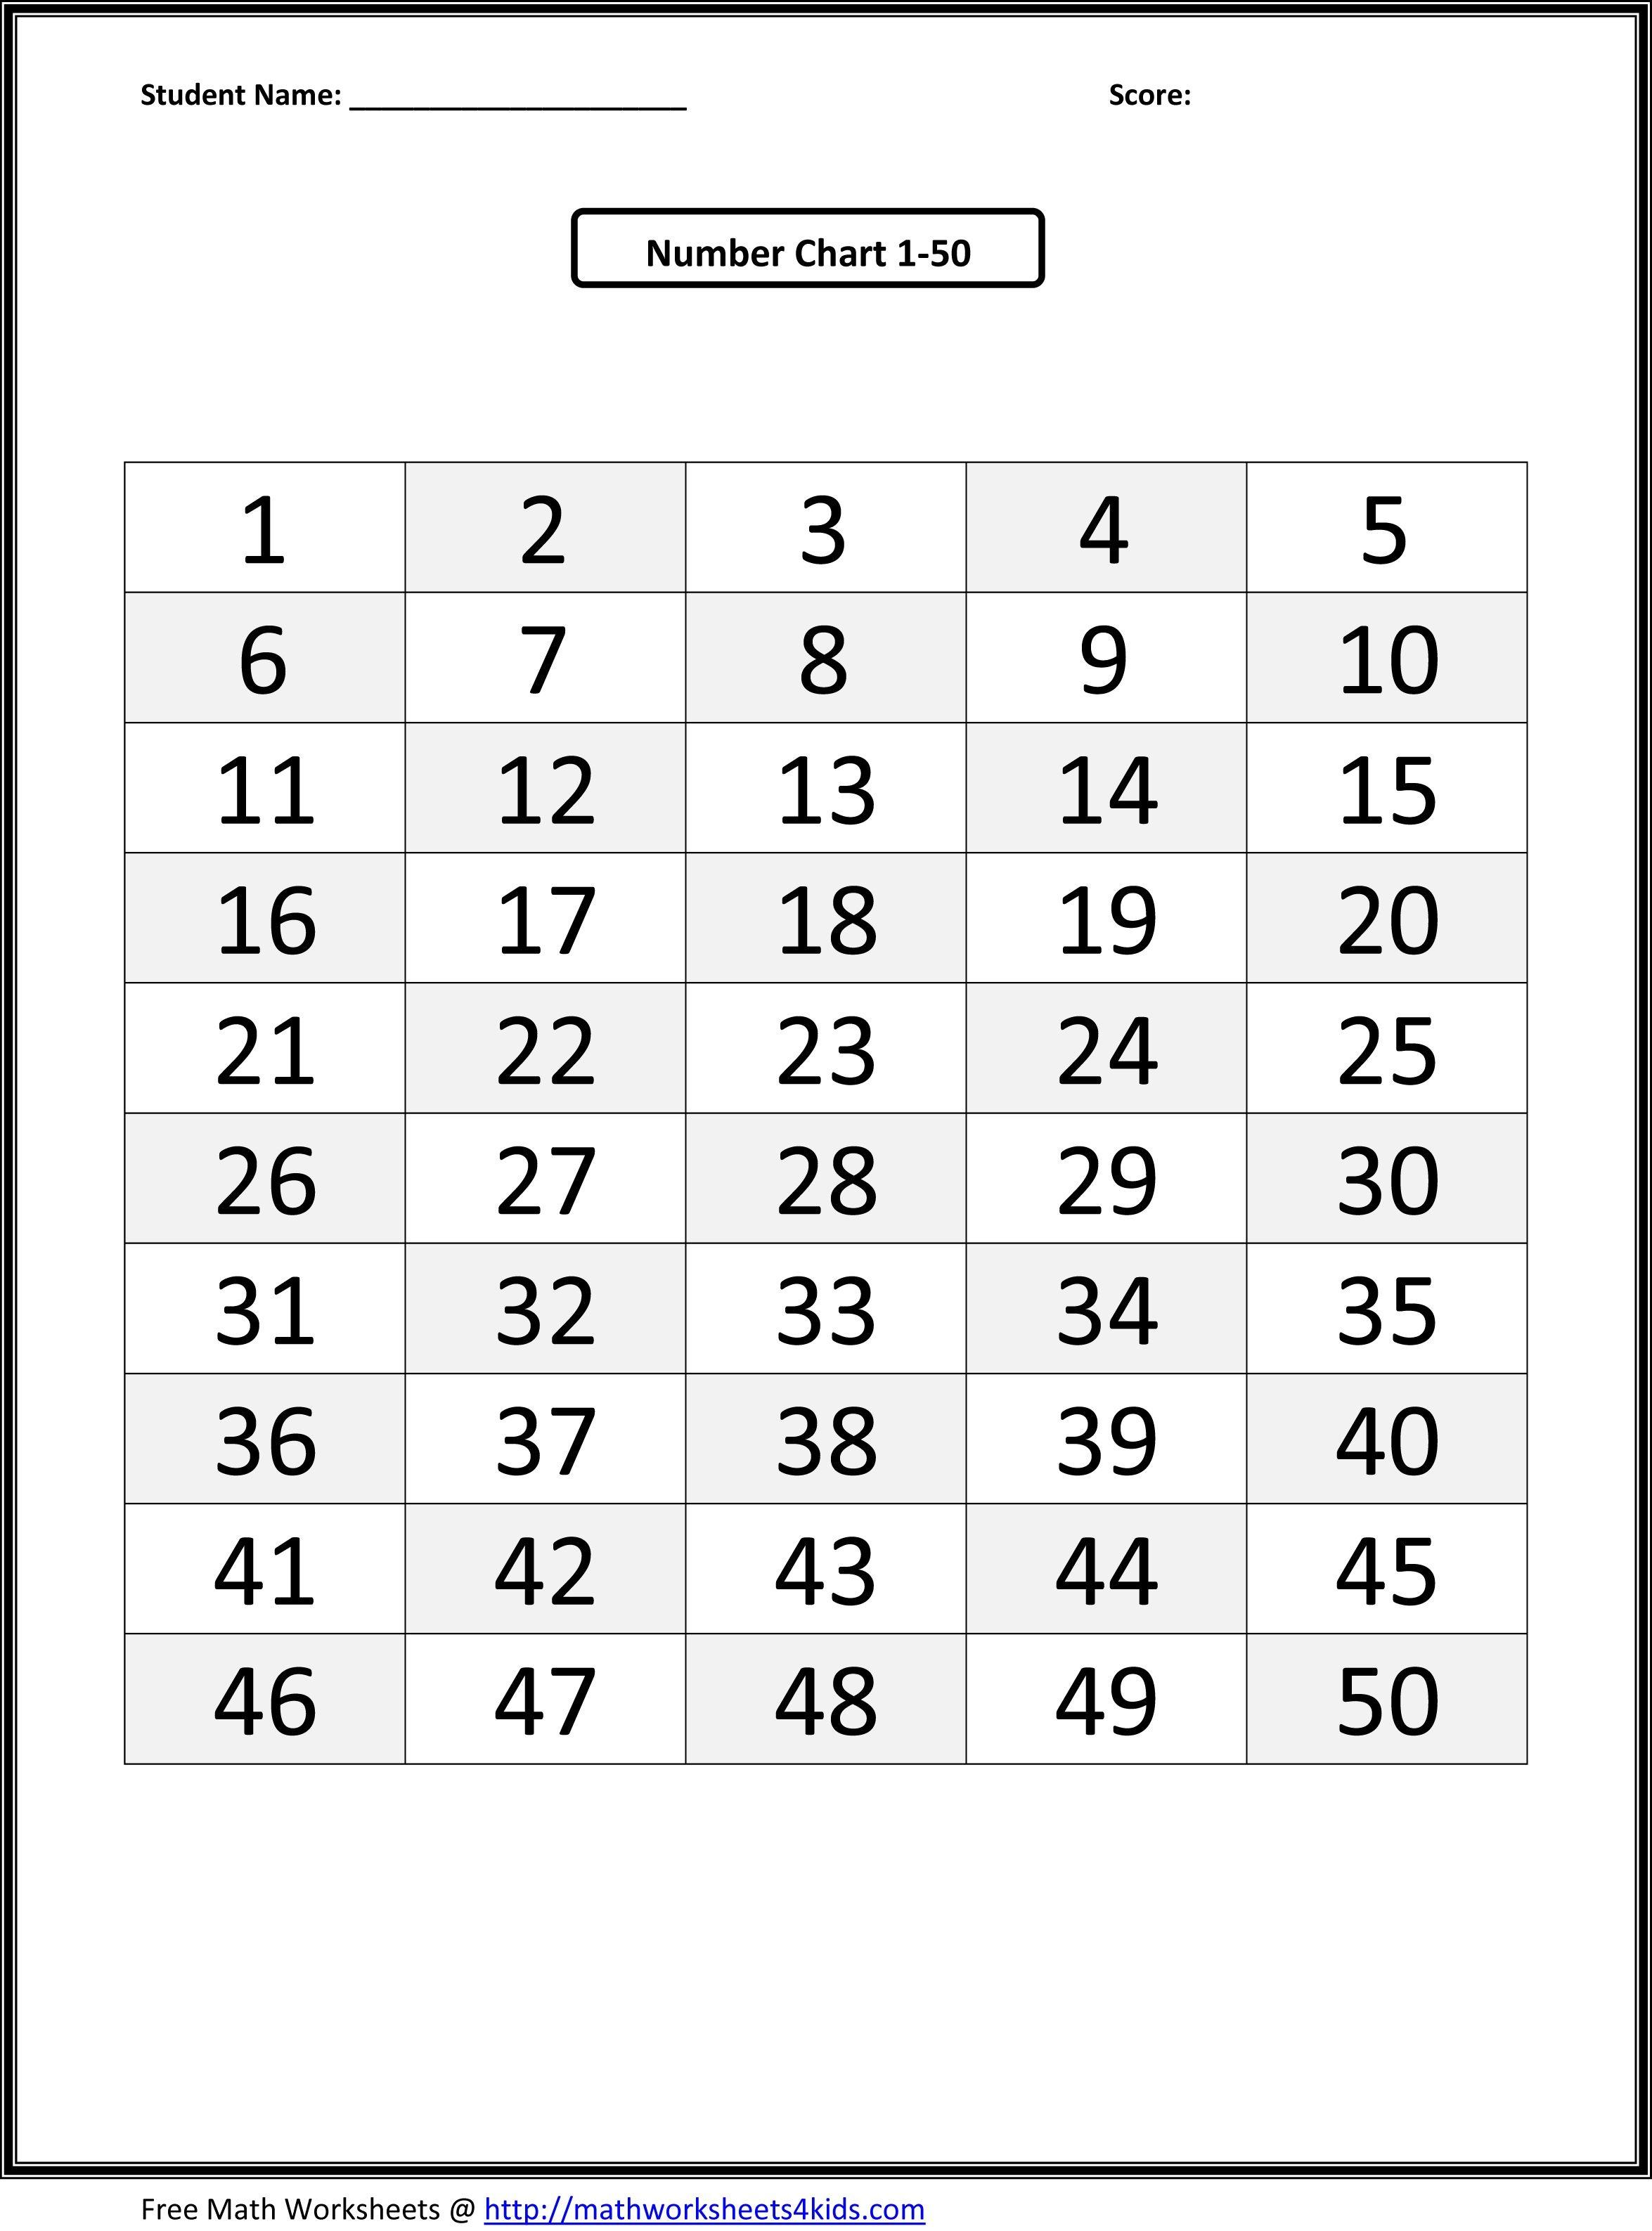 Mathworksheets4Kids Free Math Printable Worksheets Website - Free Printable First Grade Math Worksheets